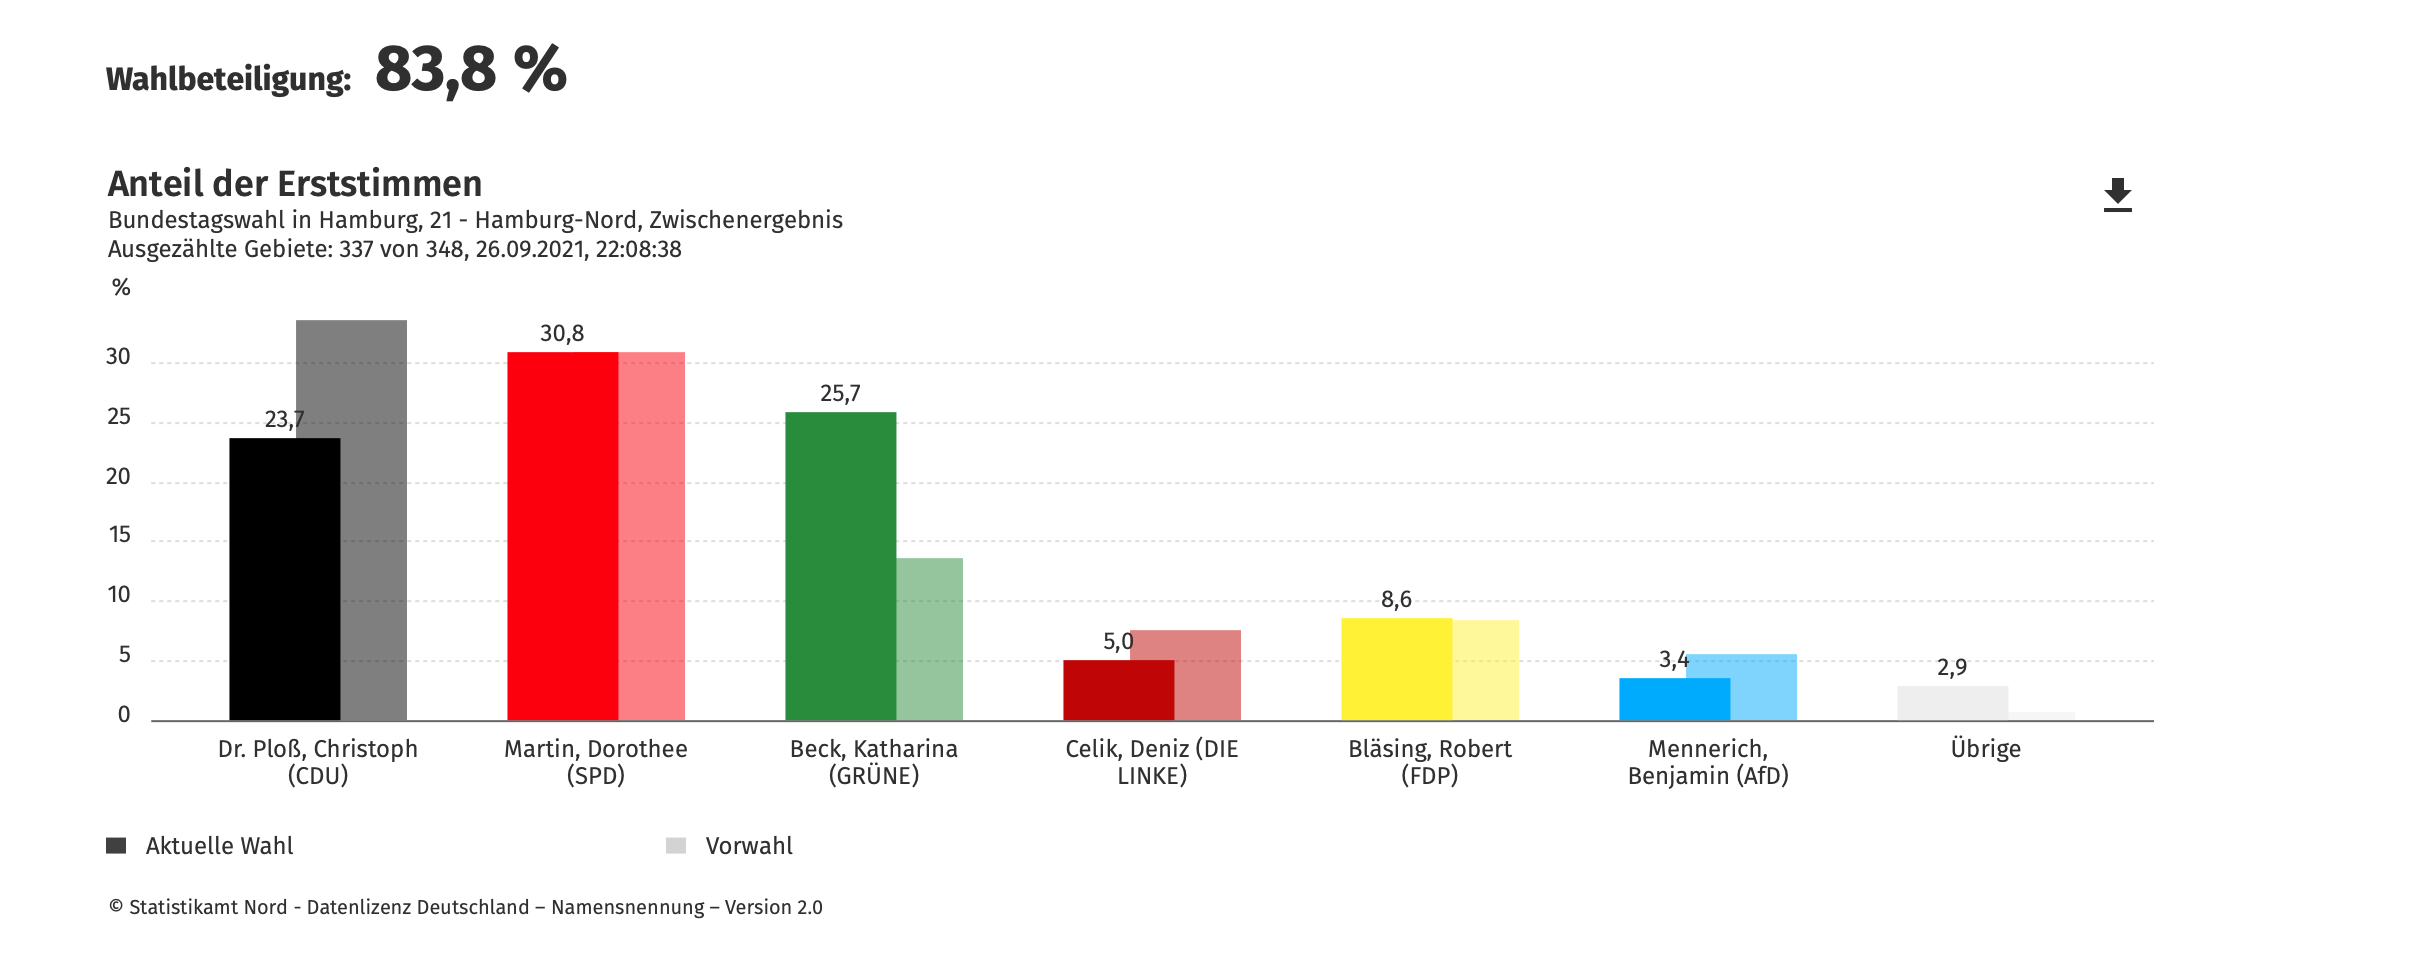 Die Hochrechnung für die Erststimmen im Wahlkreis Hamburg-Nord.